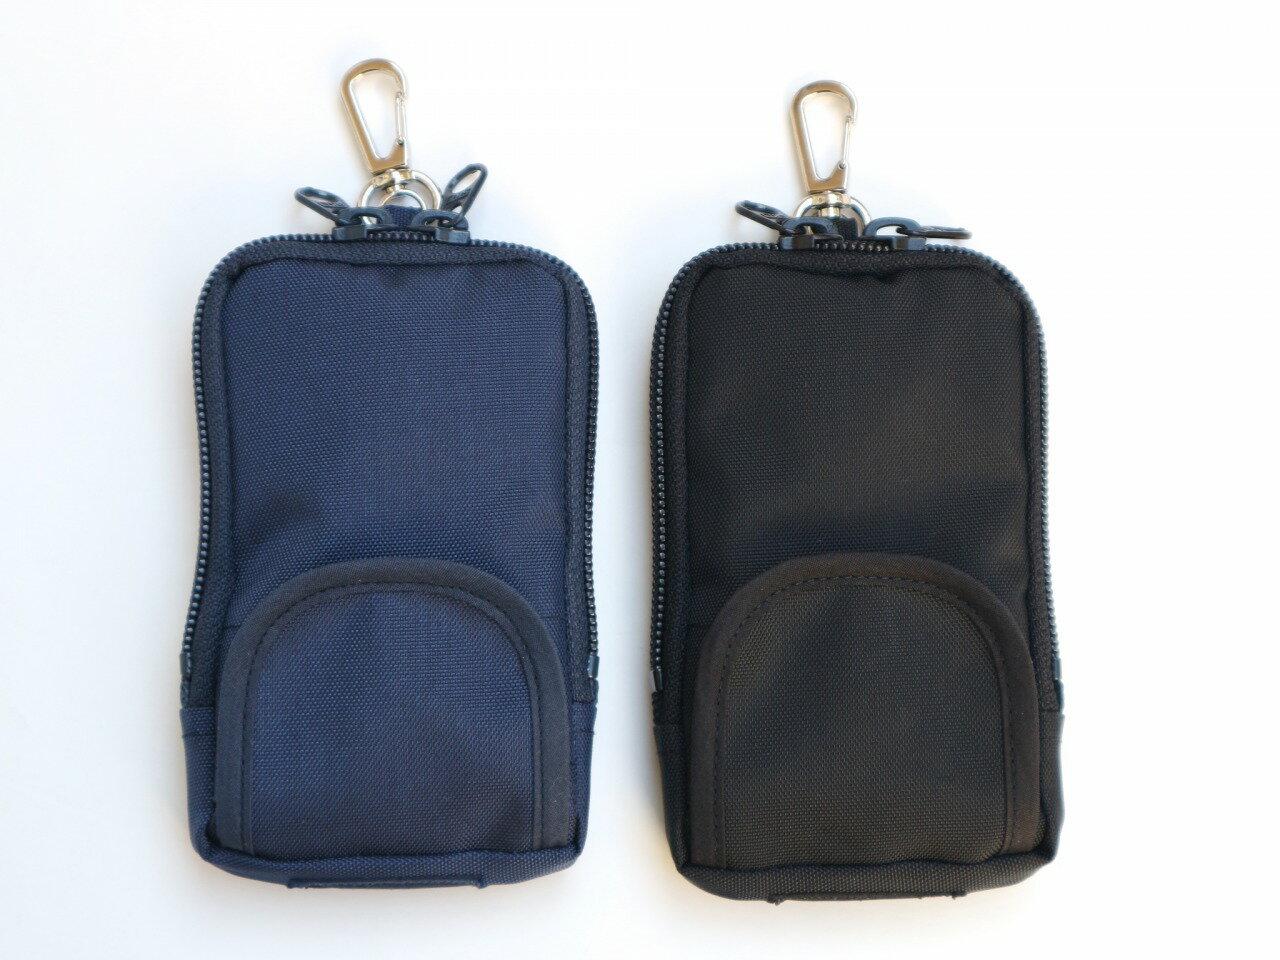 【送料無料】ランドセルポーチ ランドセル対応 オールインワン キッズ携帯 キーケース 定期入れ mamorino4 キッズフォン701ZT 対応